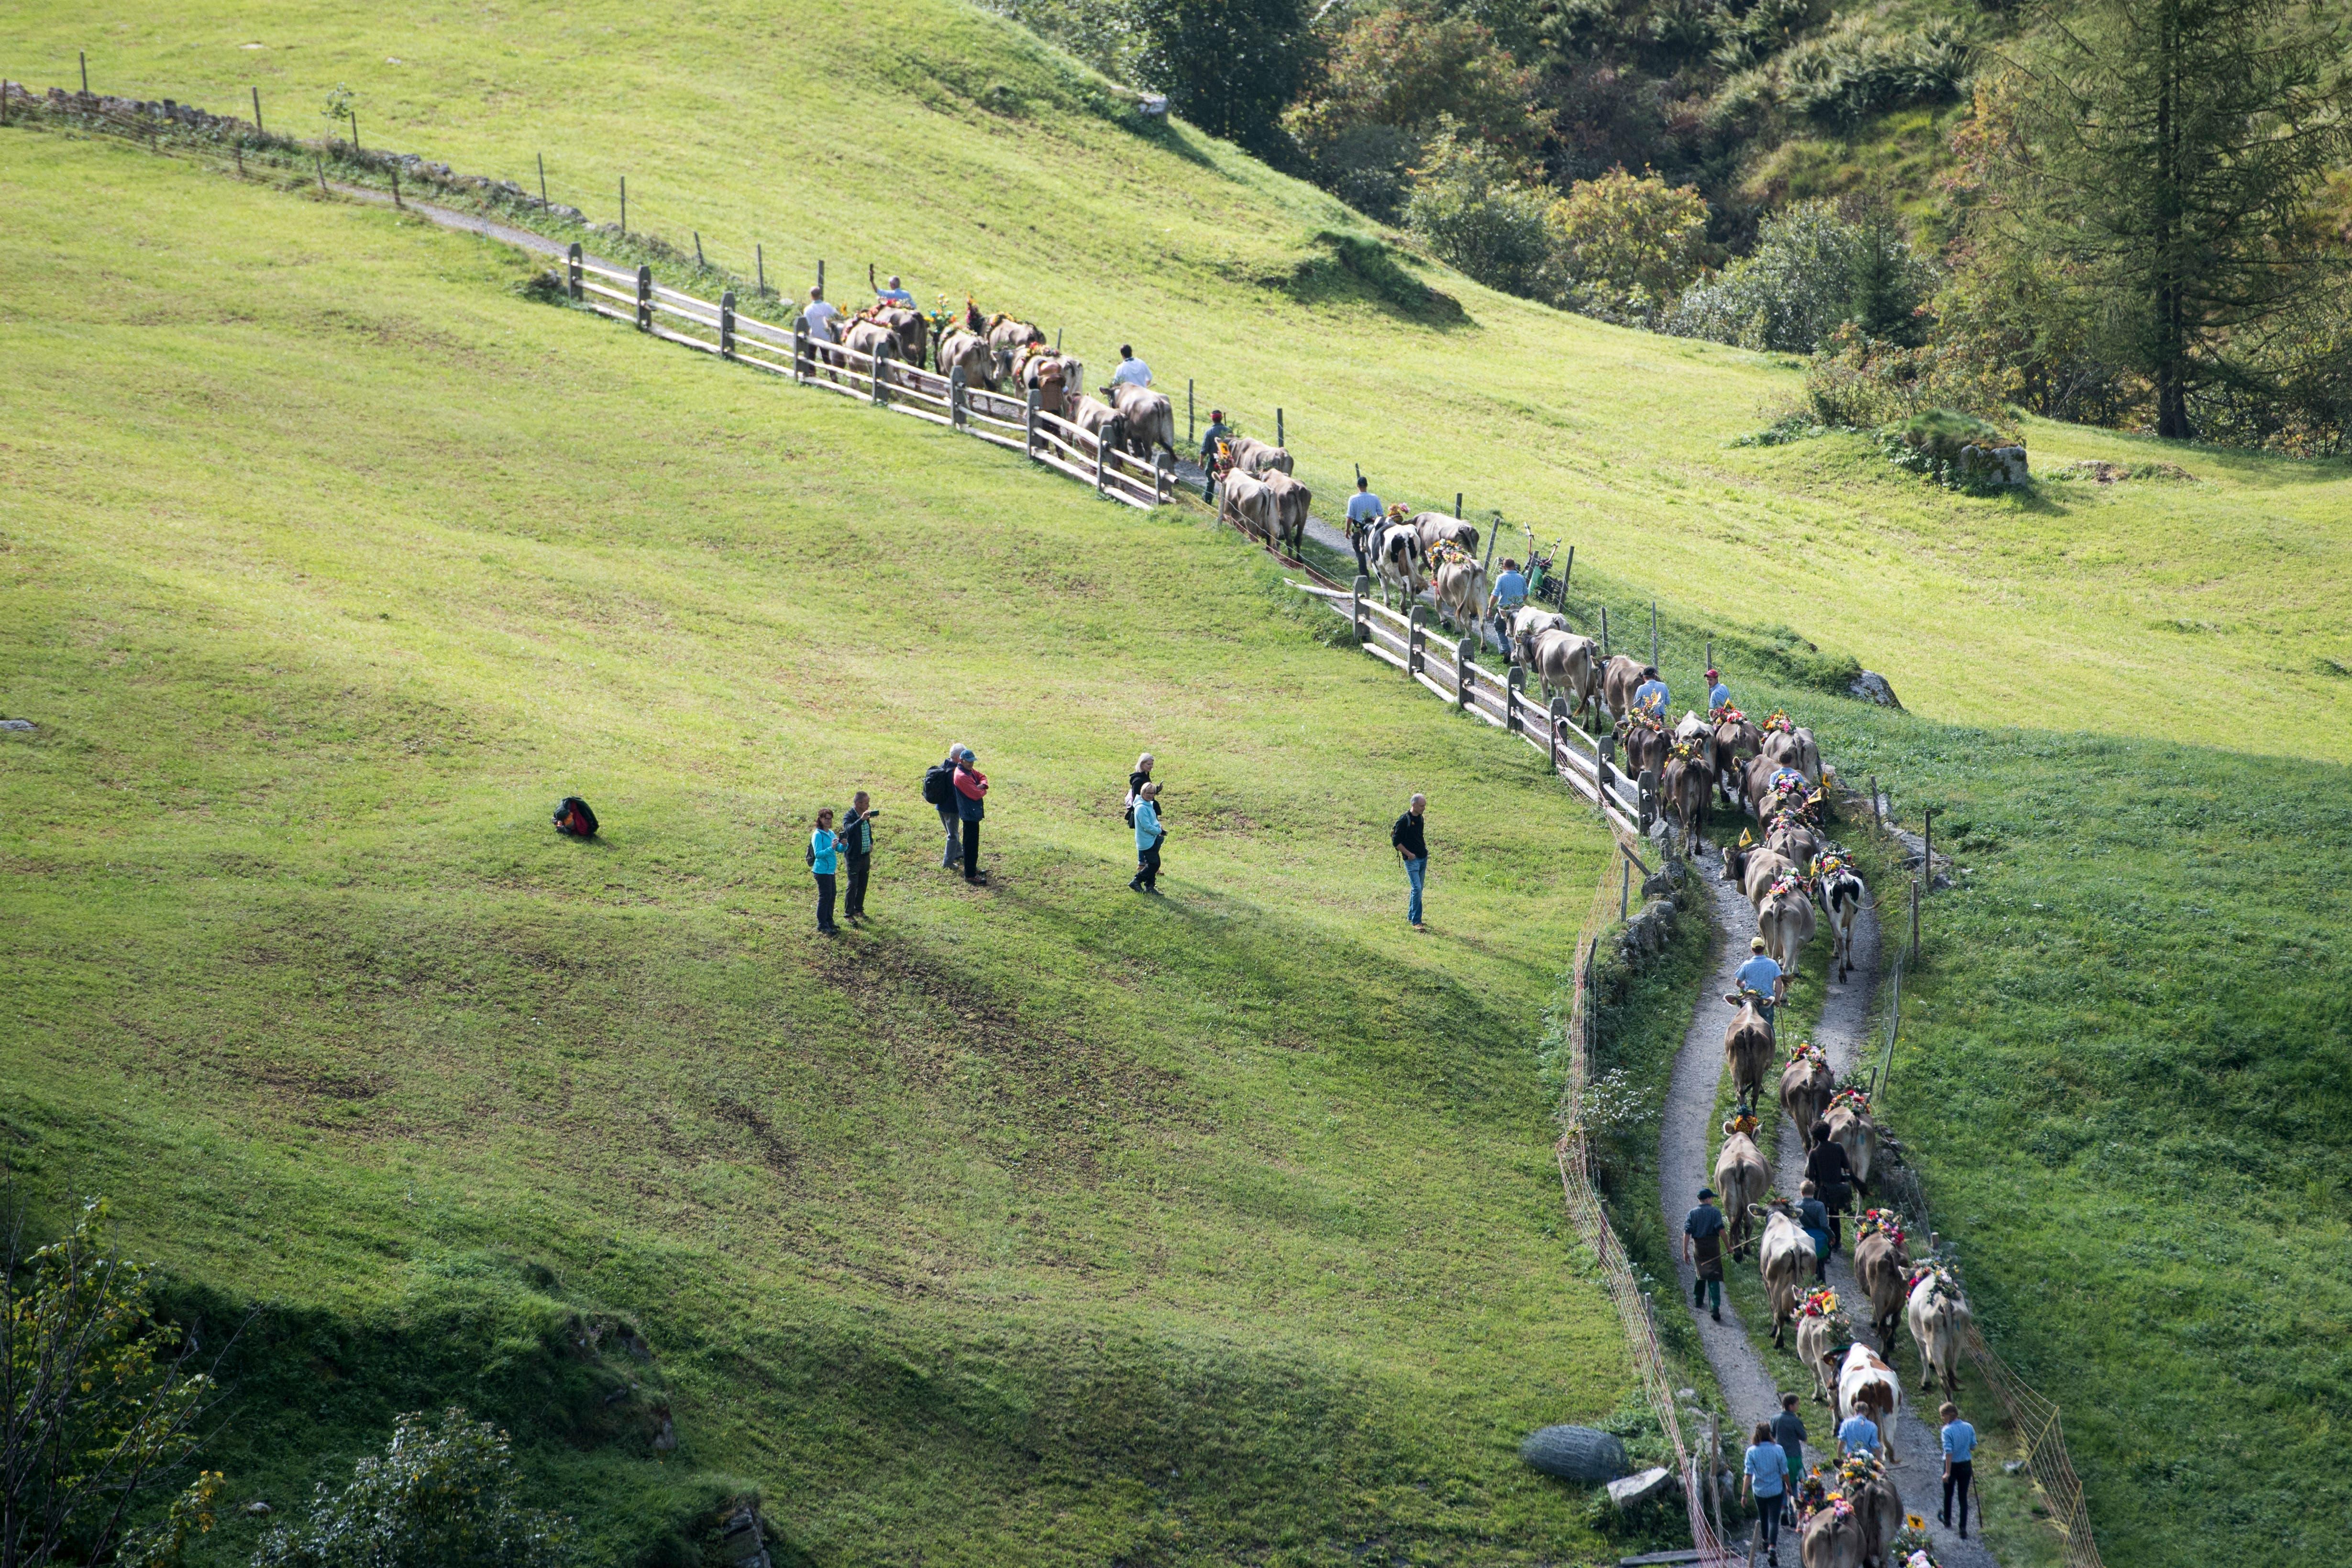 Die Alpkuehe der Alp Hinterfeld im Meiental am Sustenpass im Kanton Uri ziehen am fruehen Morgen des Samstag, 165. September 2018 mit einem langen Alpabzug nach Wassen. (KEYSTONE/Urs Flueeler)